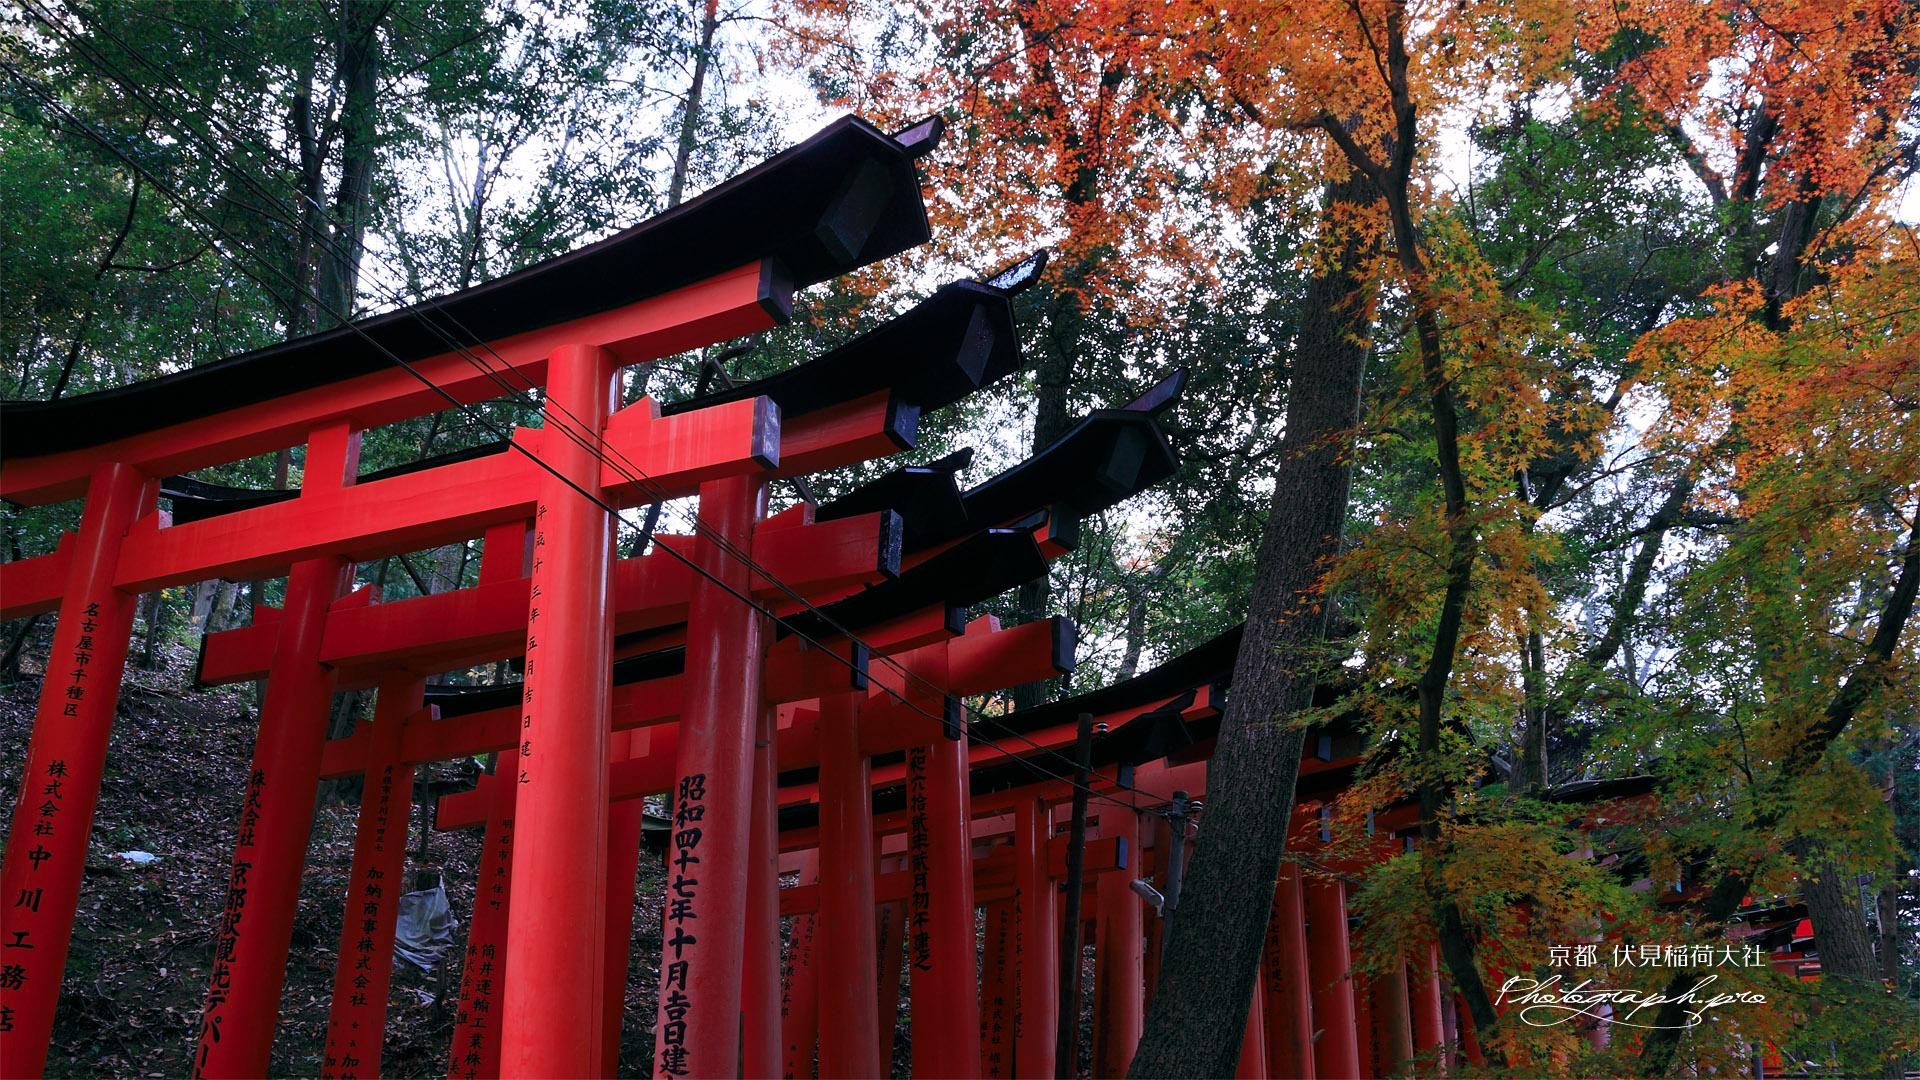 伏見稲荷大社 お山の鳥居と紅葉 の壁紙 19x1080